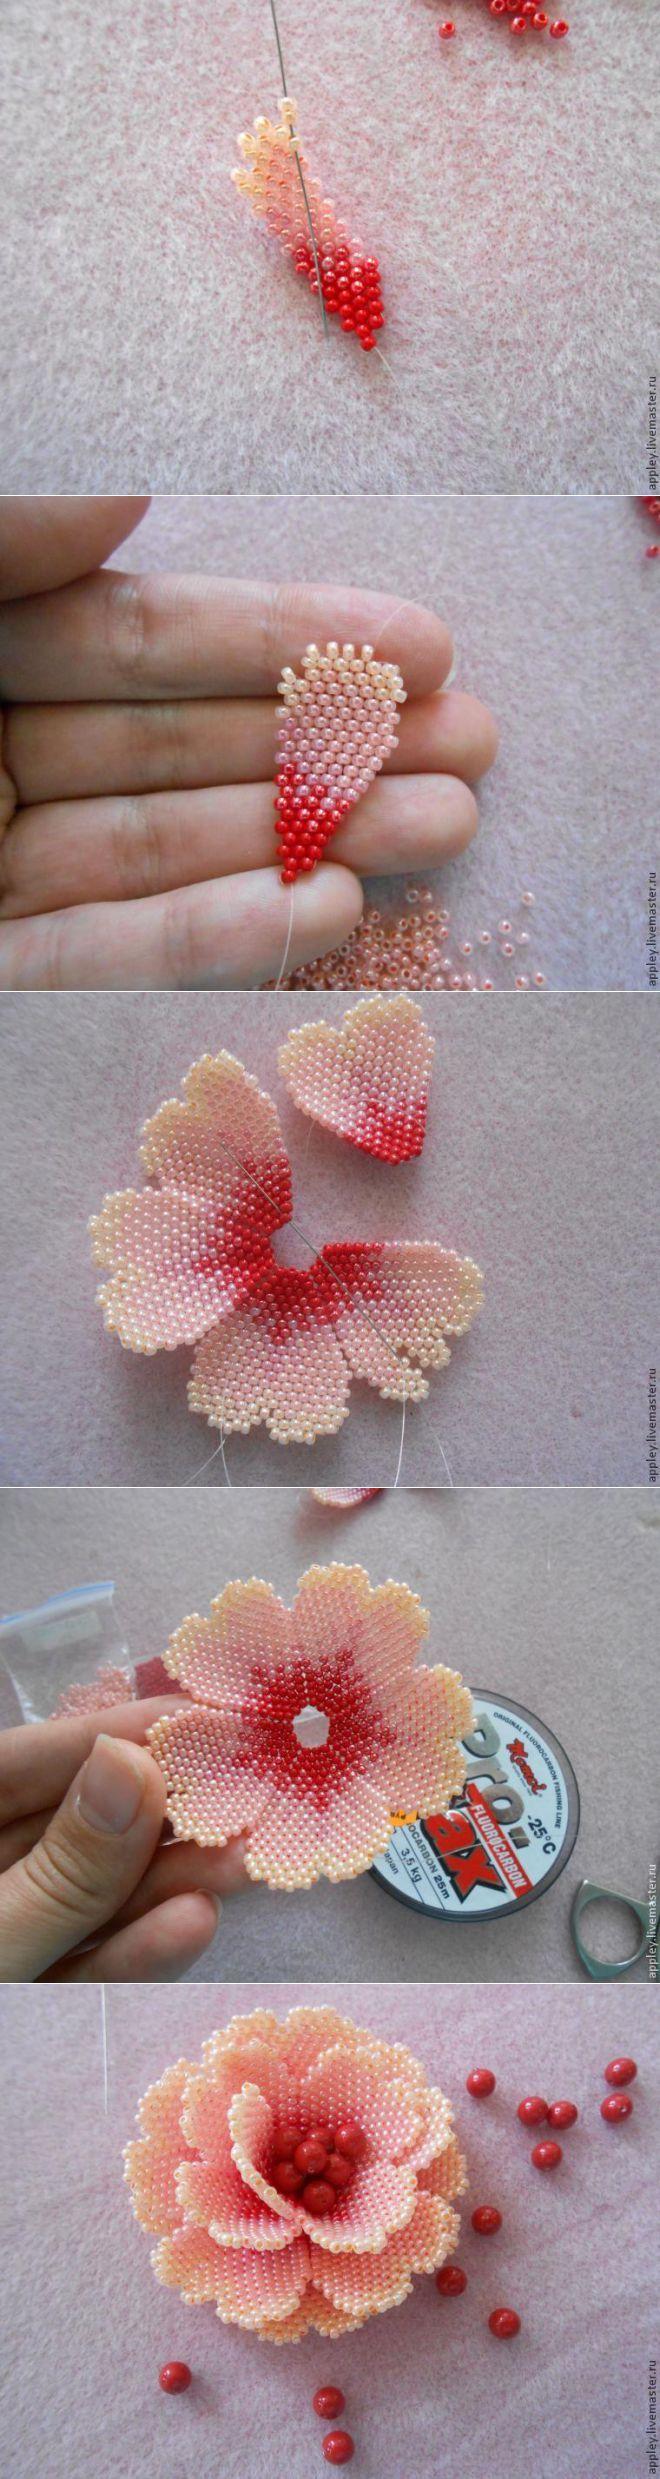 Bead flower tutorial | Как сделать маленький цветок из бисера - Ярмарка Мастеров - ручная работа, handmade